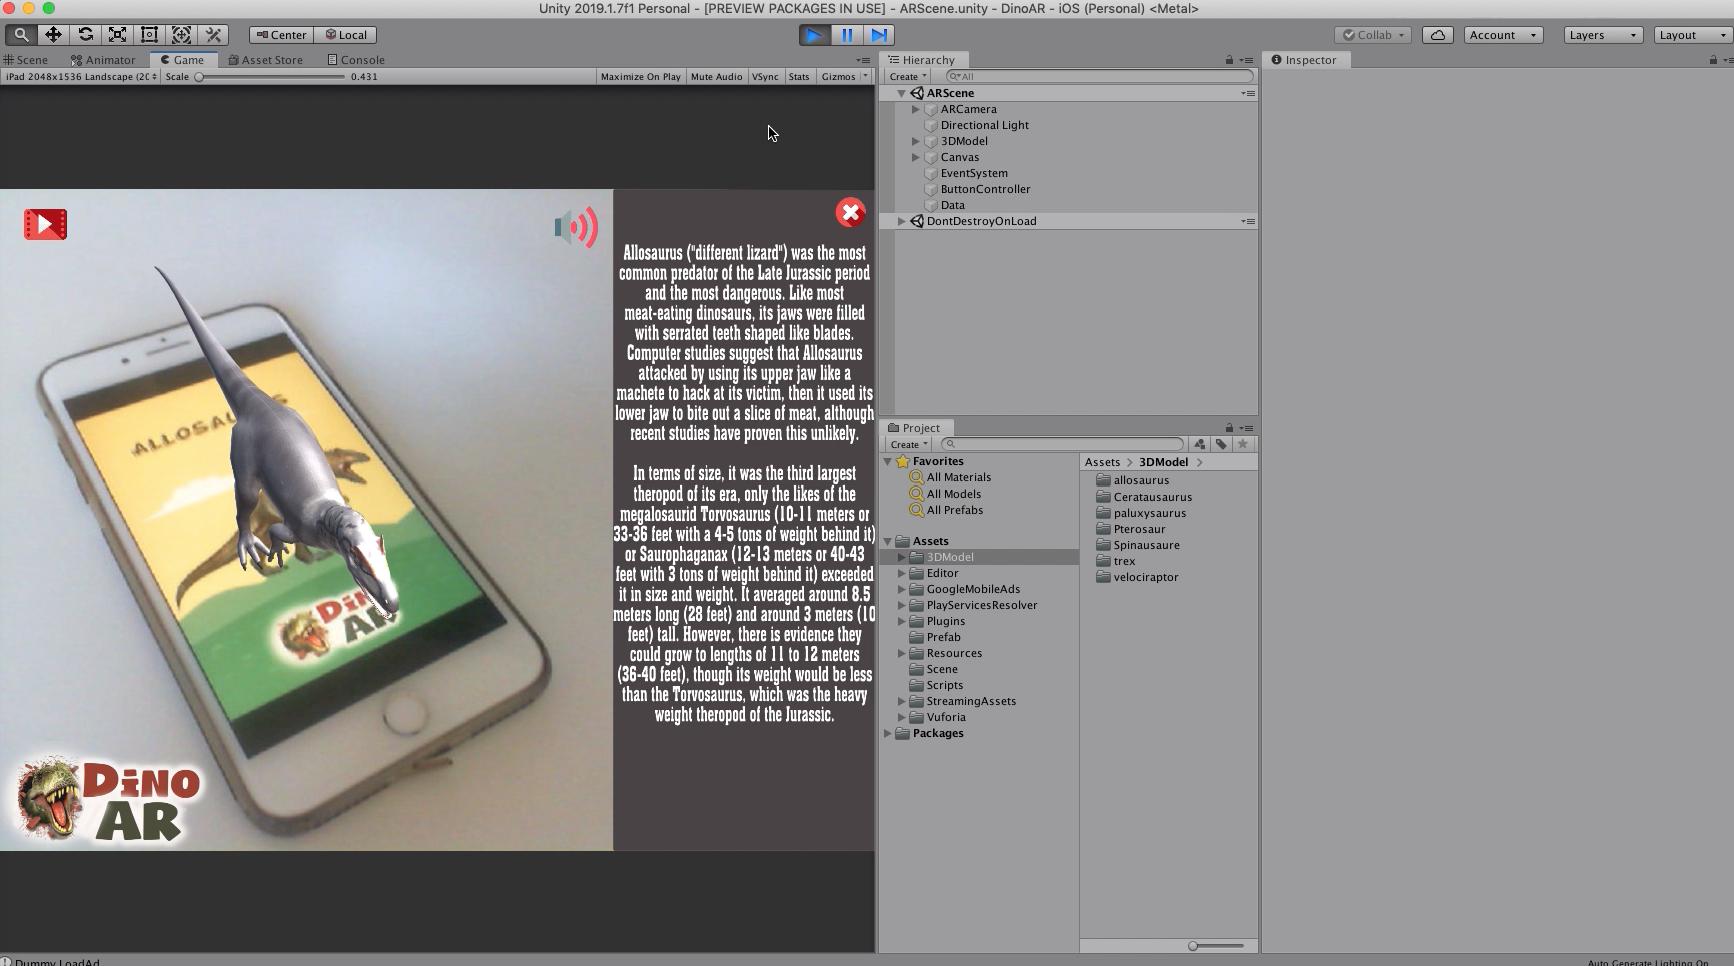 Dinoar Dinosaurs Augmented Reality App Kit Unity Augmented Reality Unity App